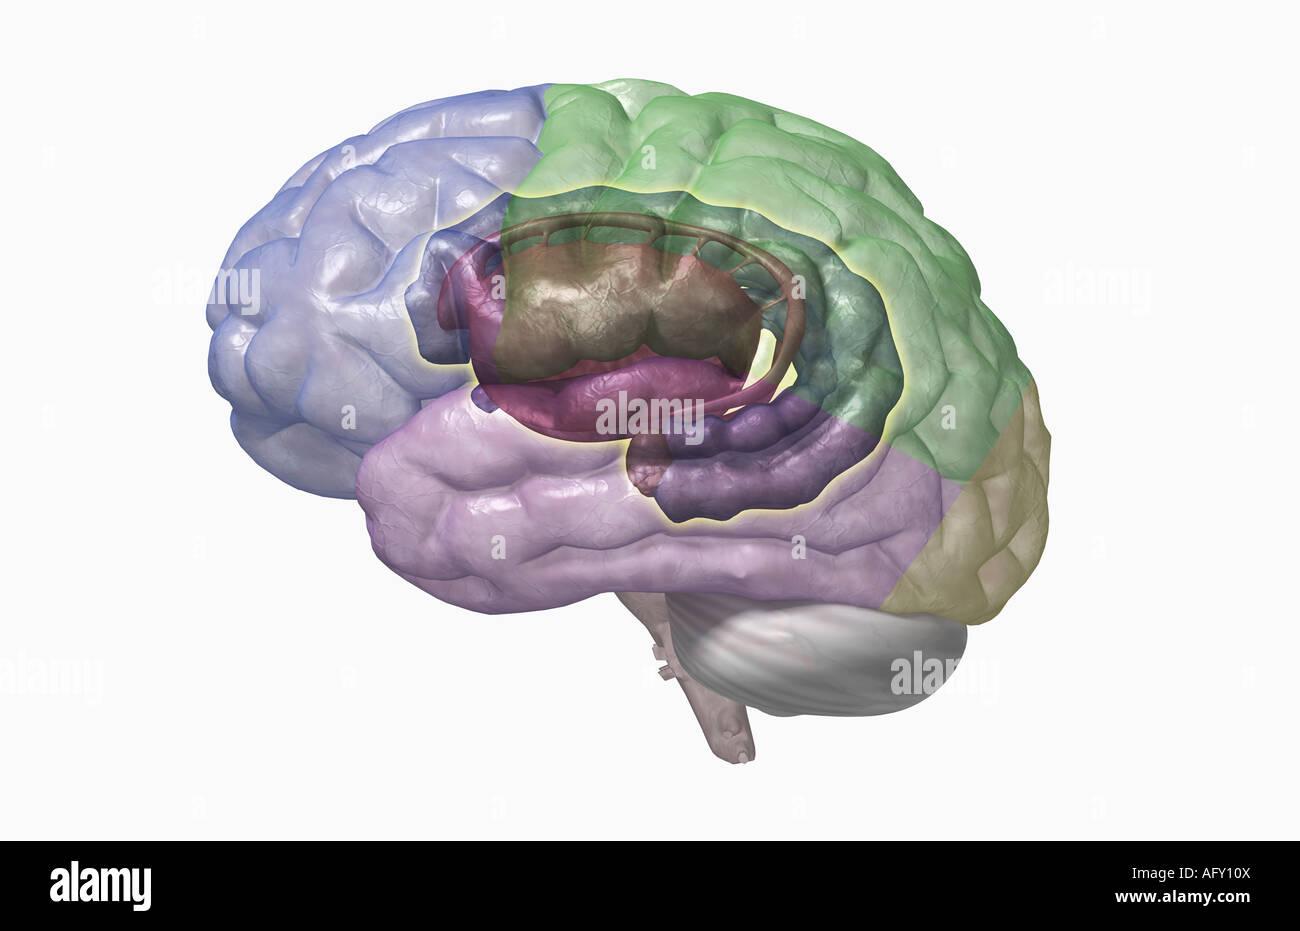 Das limbische system Stockfoto, Bild: 14040217 - Alamy